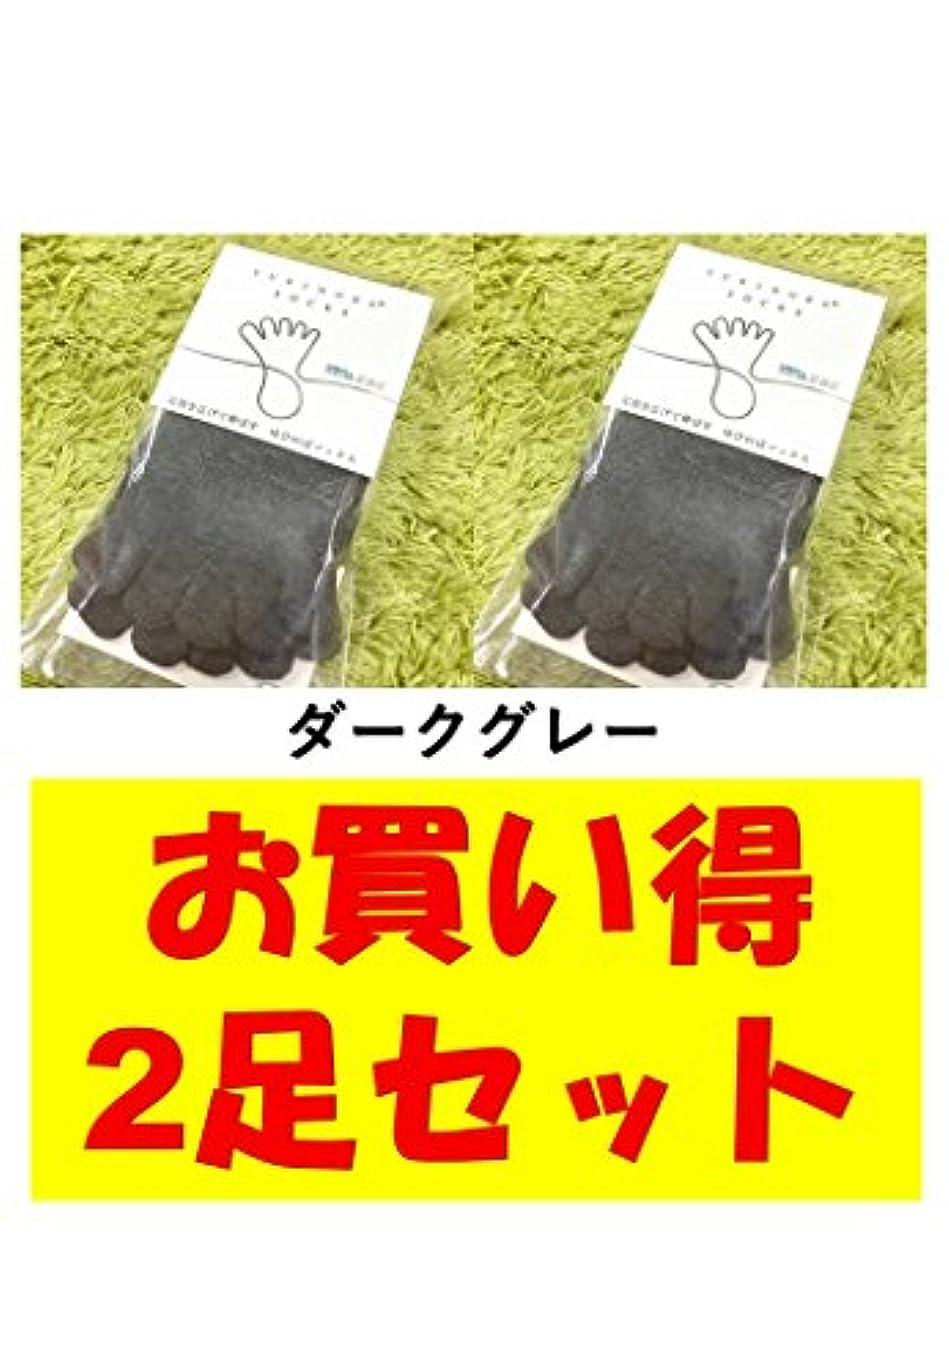 ロゴこんにちは同一のお買い得2足セット 5本指 ゆびのばソックス ゆびのばレギュラー ダークグレー 男性用 25.5cm-28.0cm HSREGR-DGL